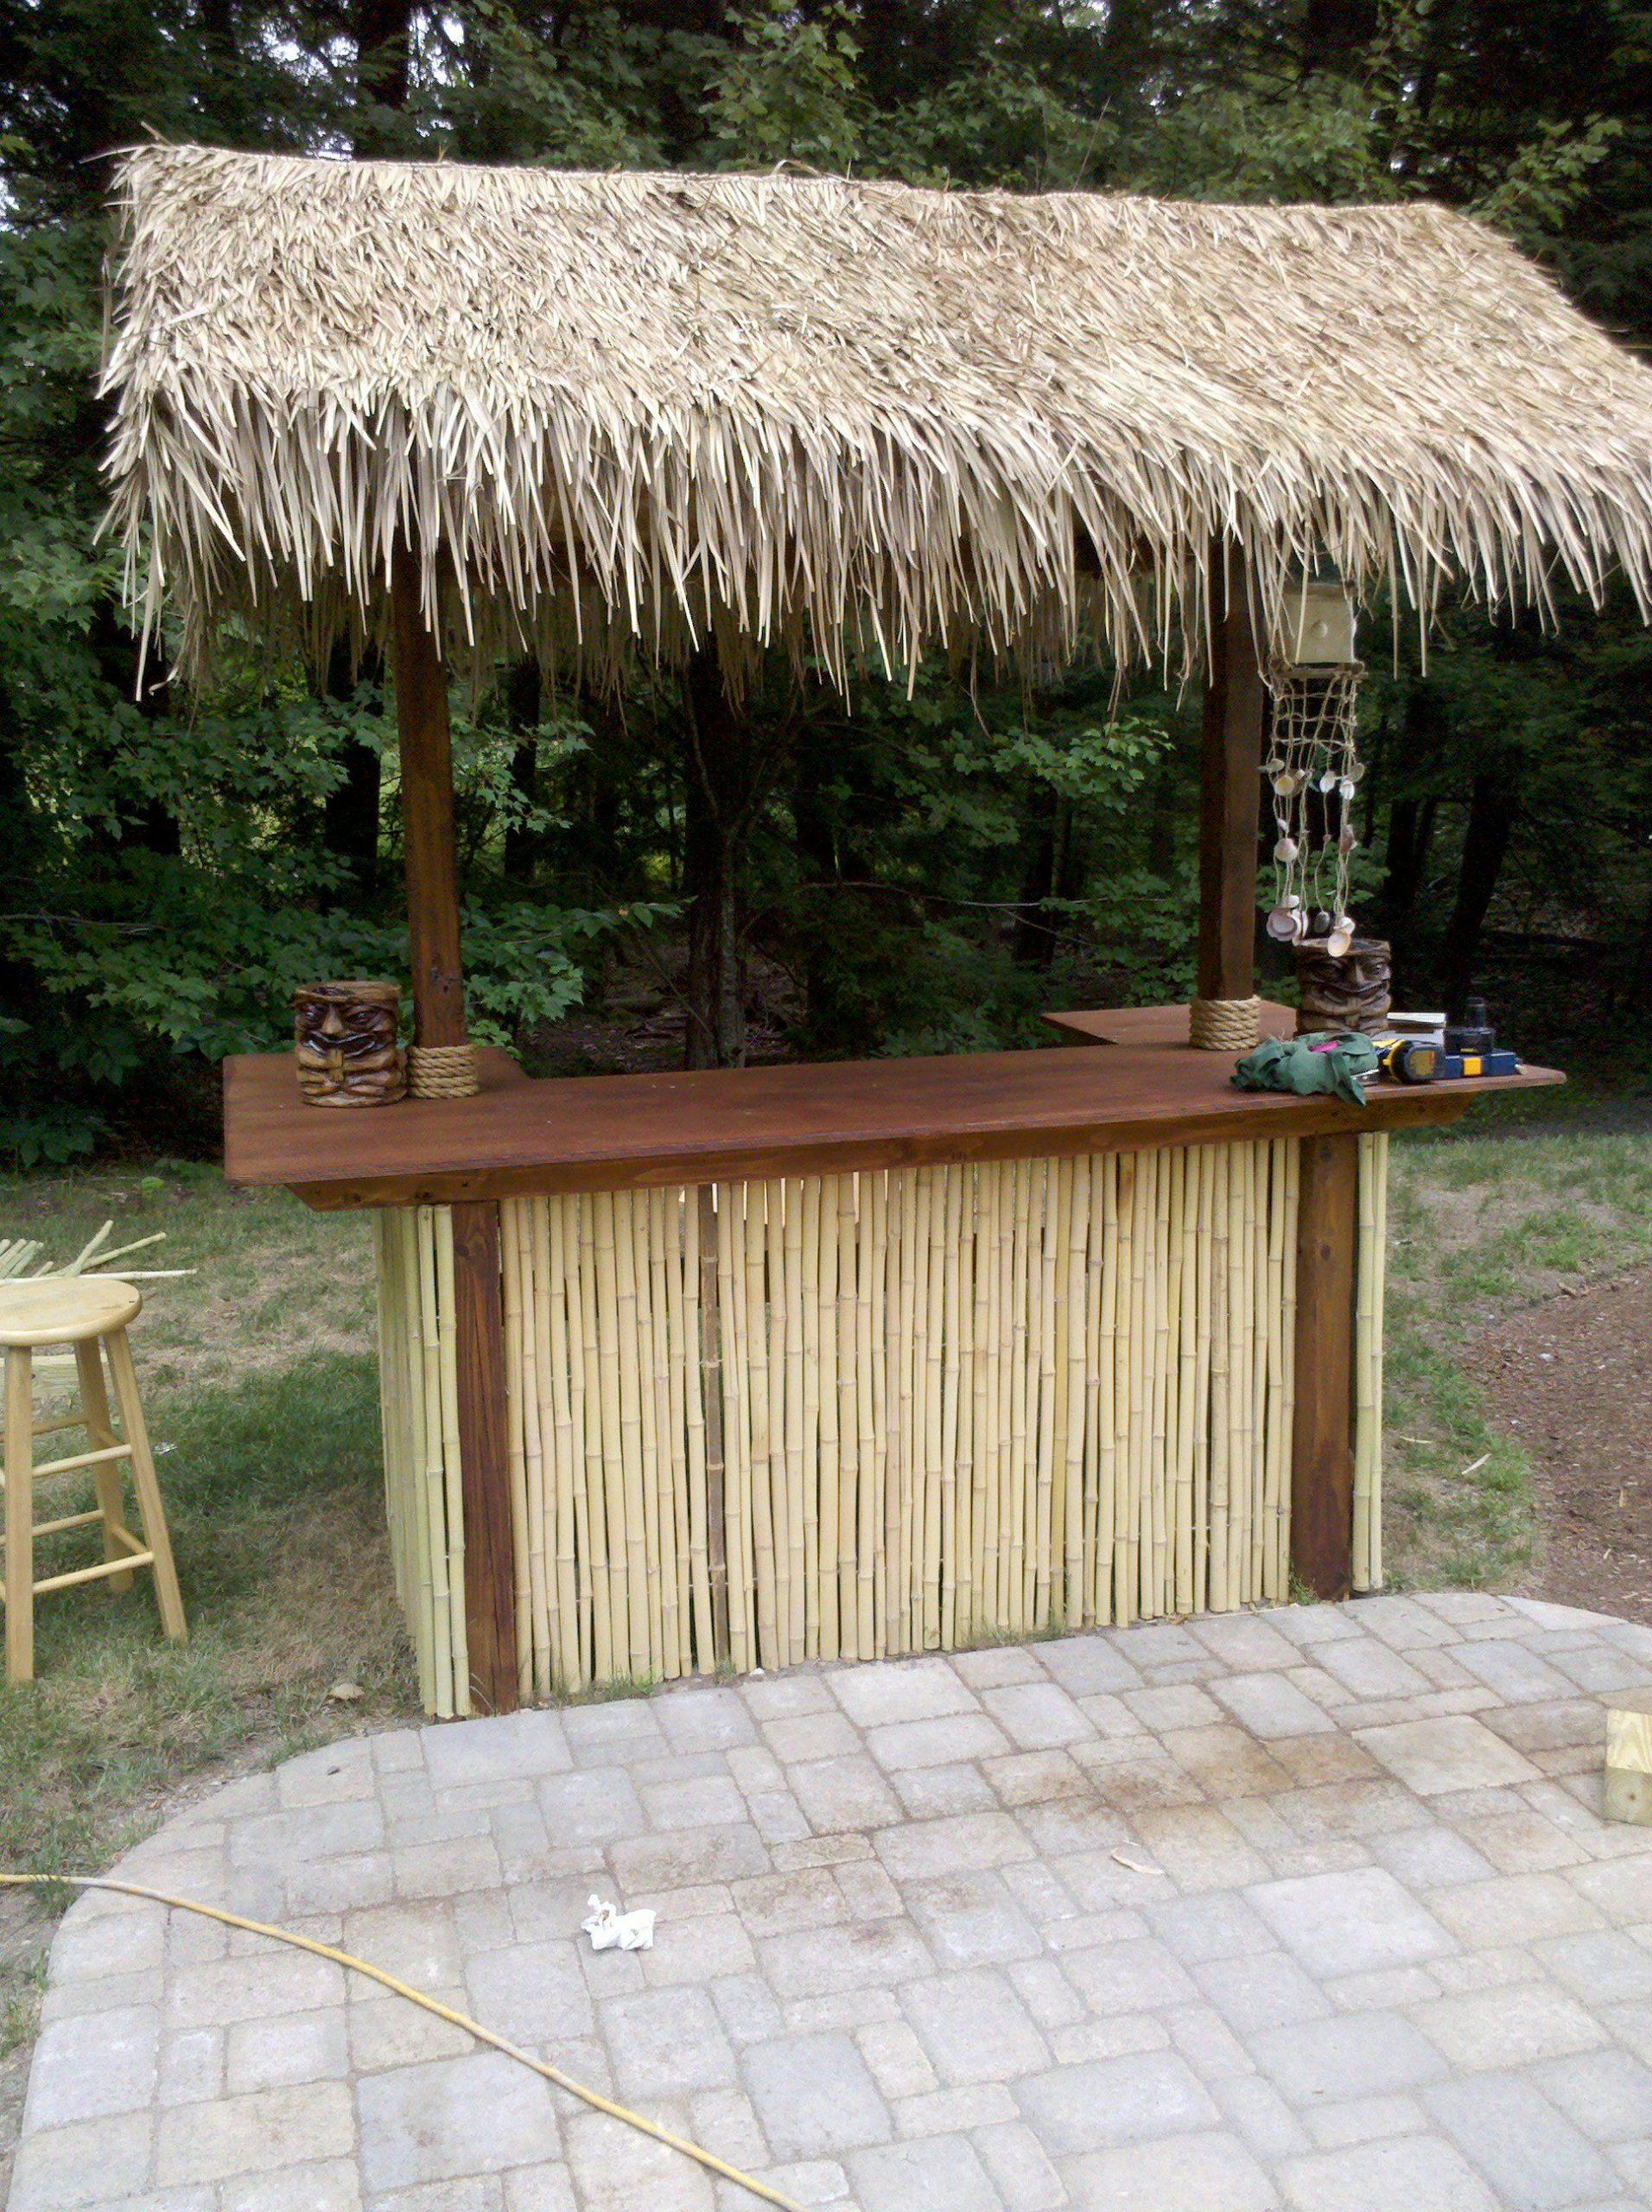 Tiki Bar | Bar Exterieur, Bar Jardin, Patio intérieur Paillote De Jardin